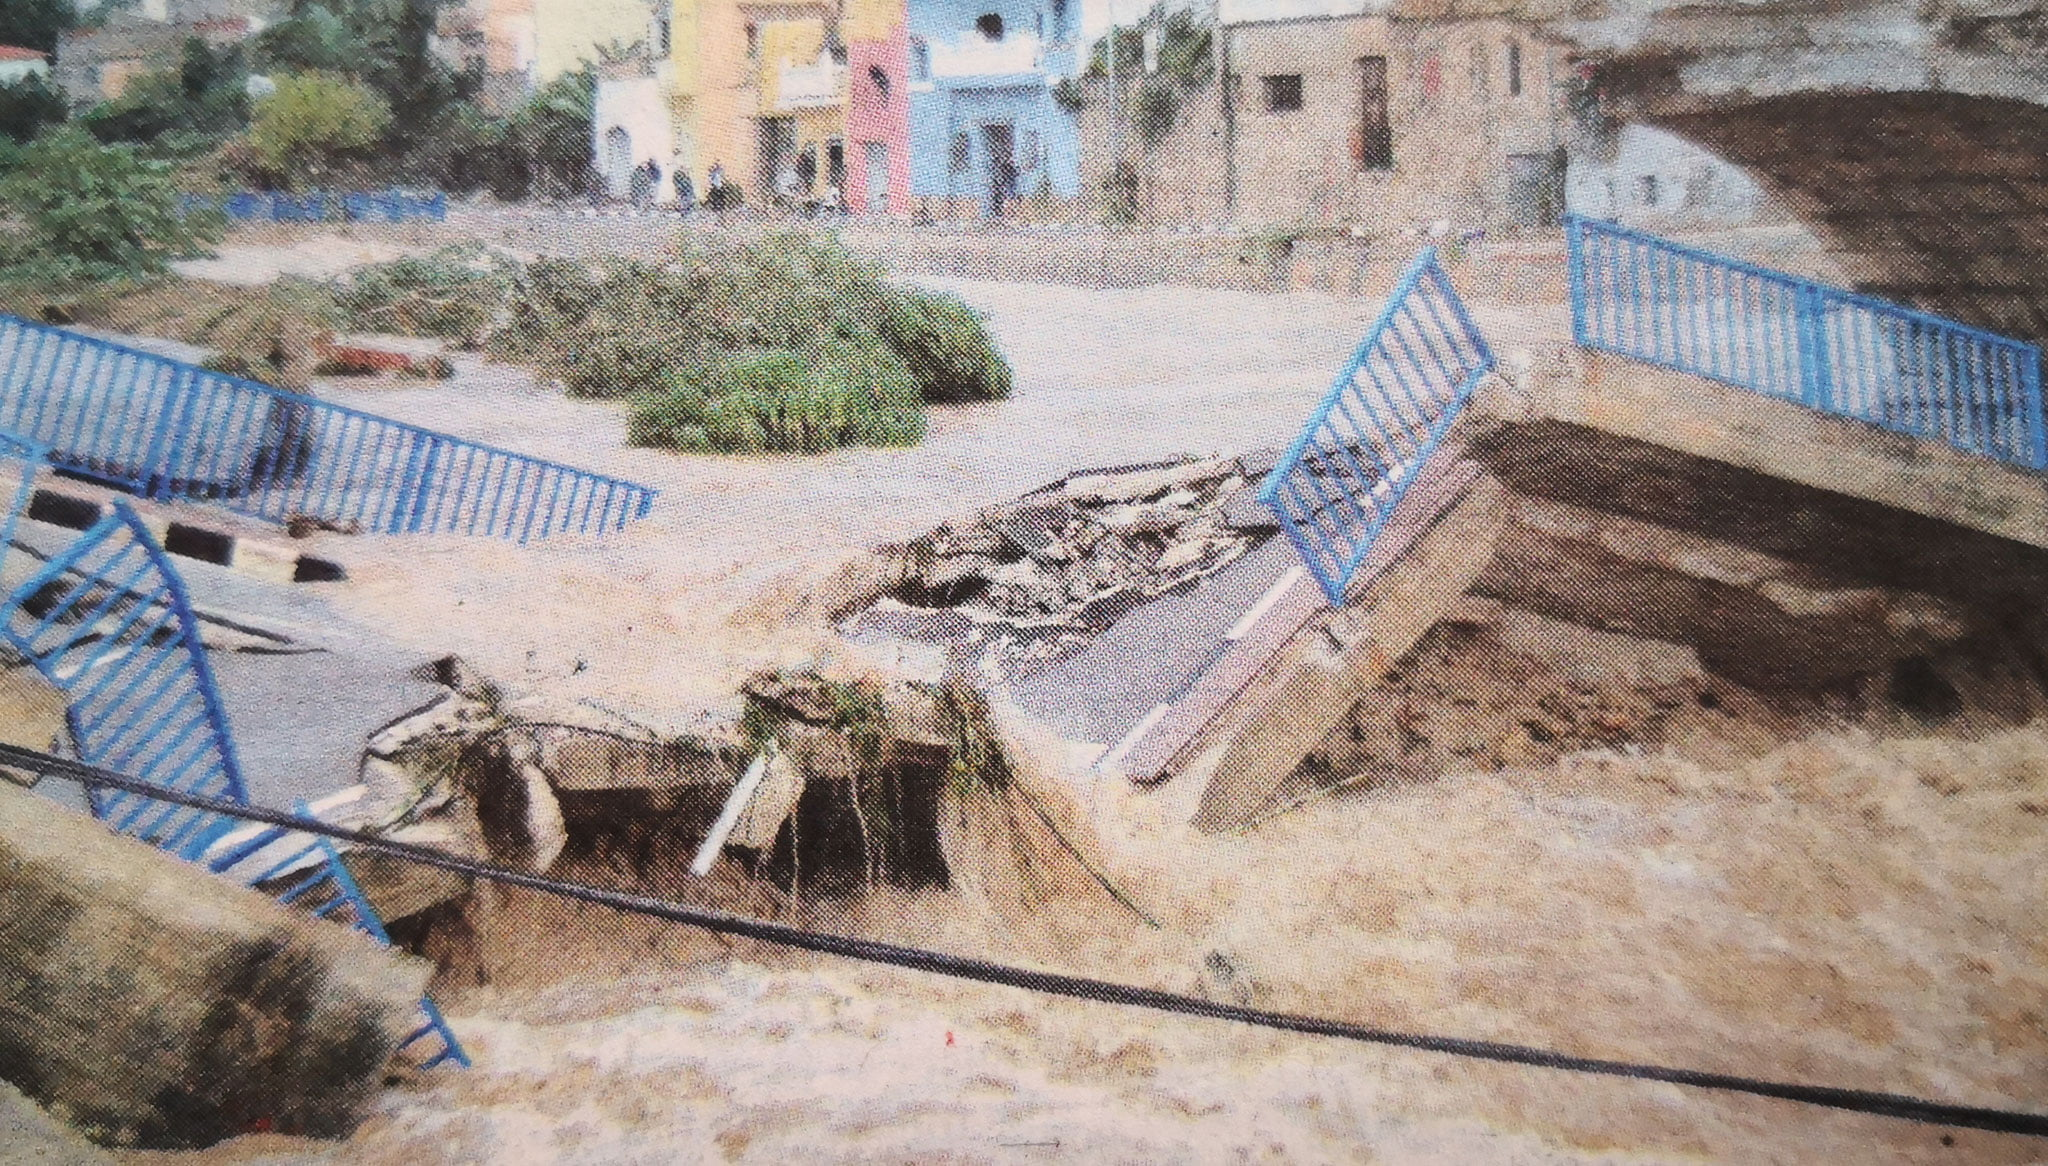 El riu Girona va arrencar el pont de Beniarbeig en 2007 (Foto: Canfali Marina Alta)